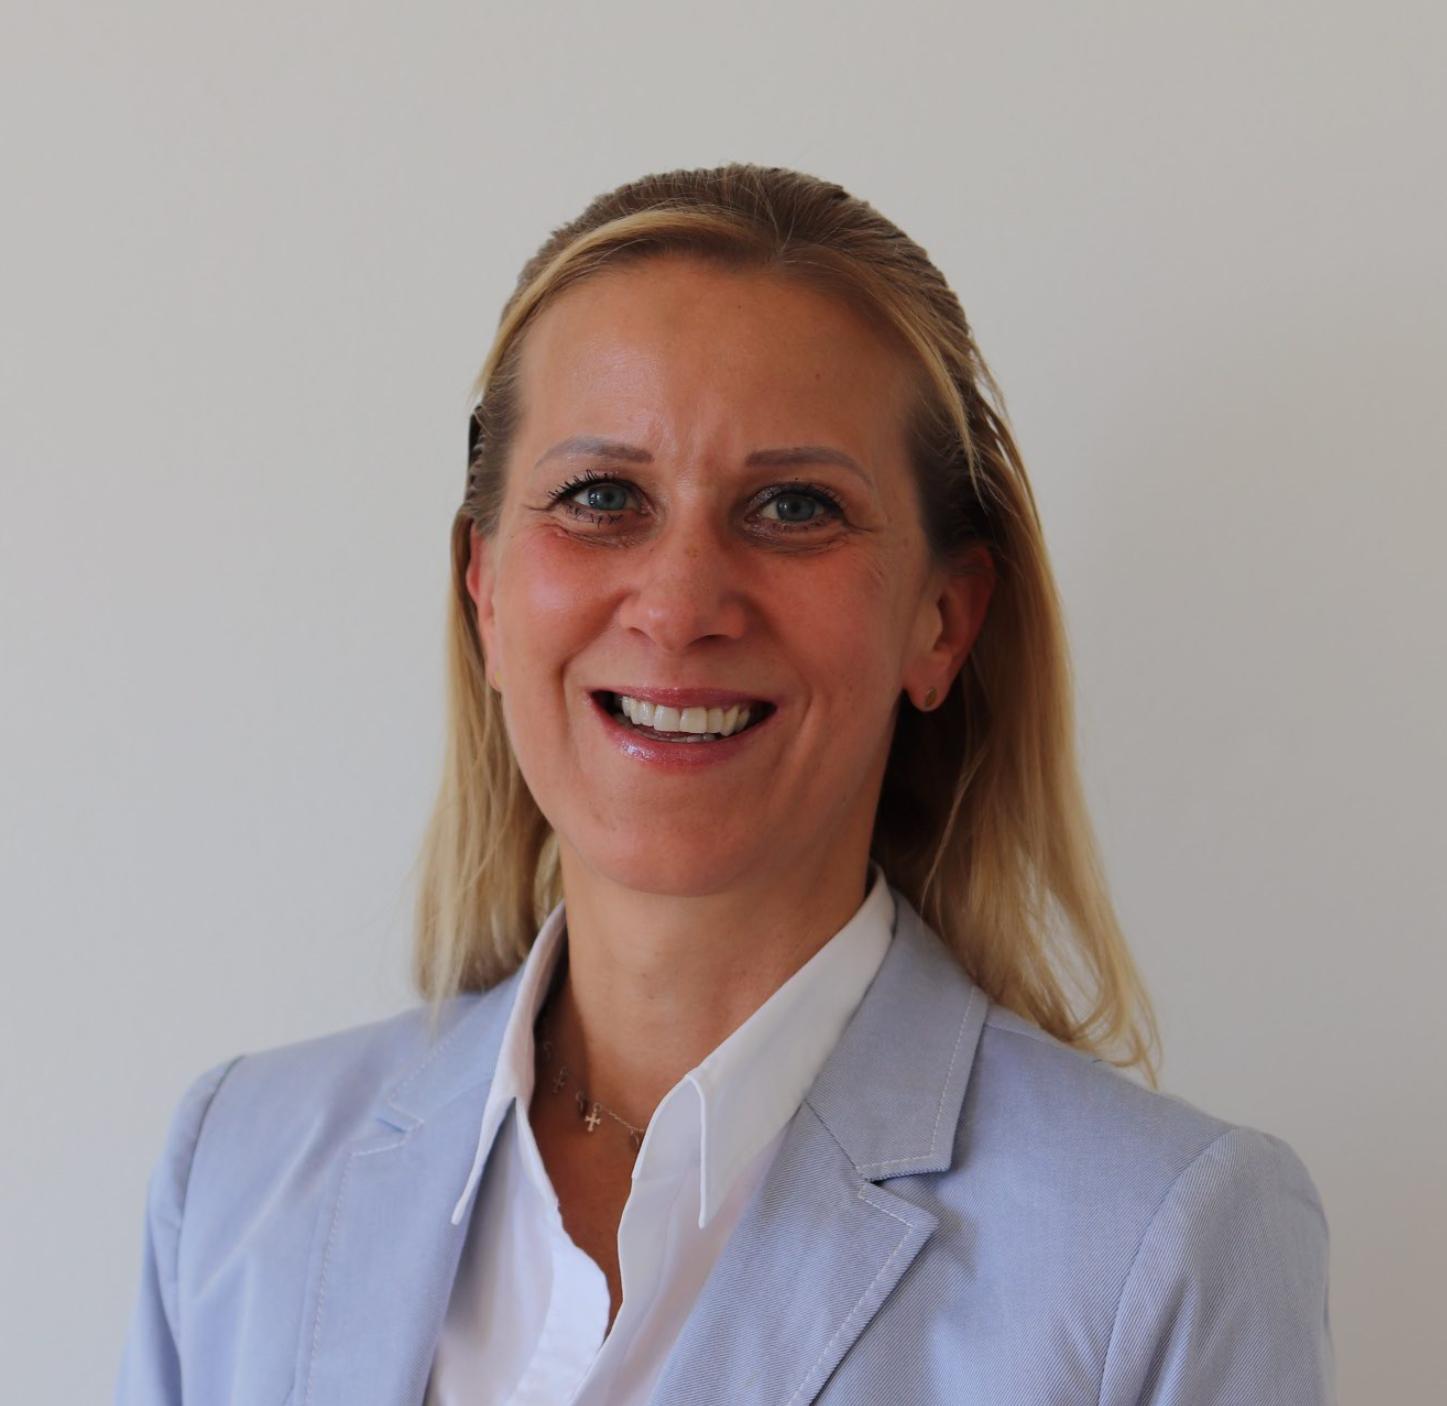 Rosemarie Schoditsch